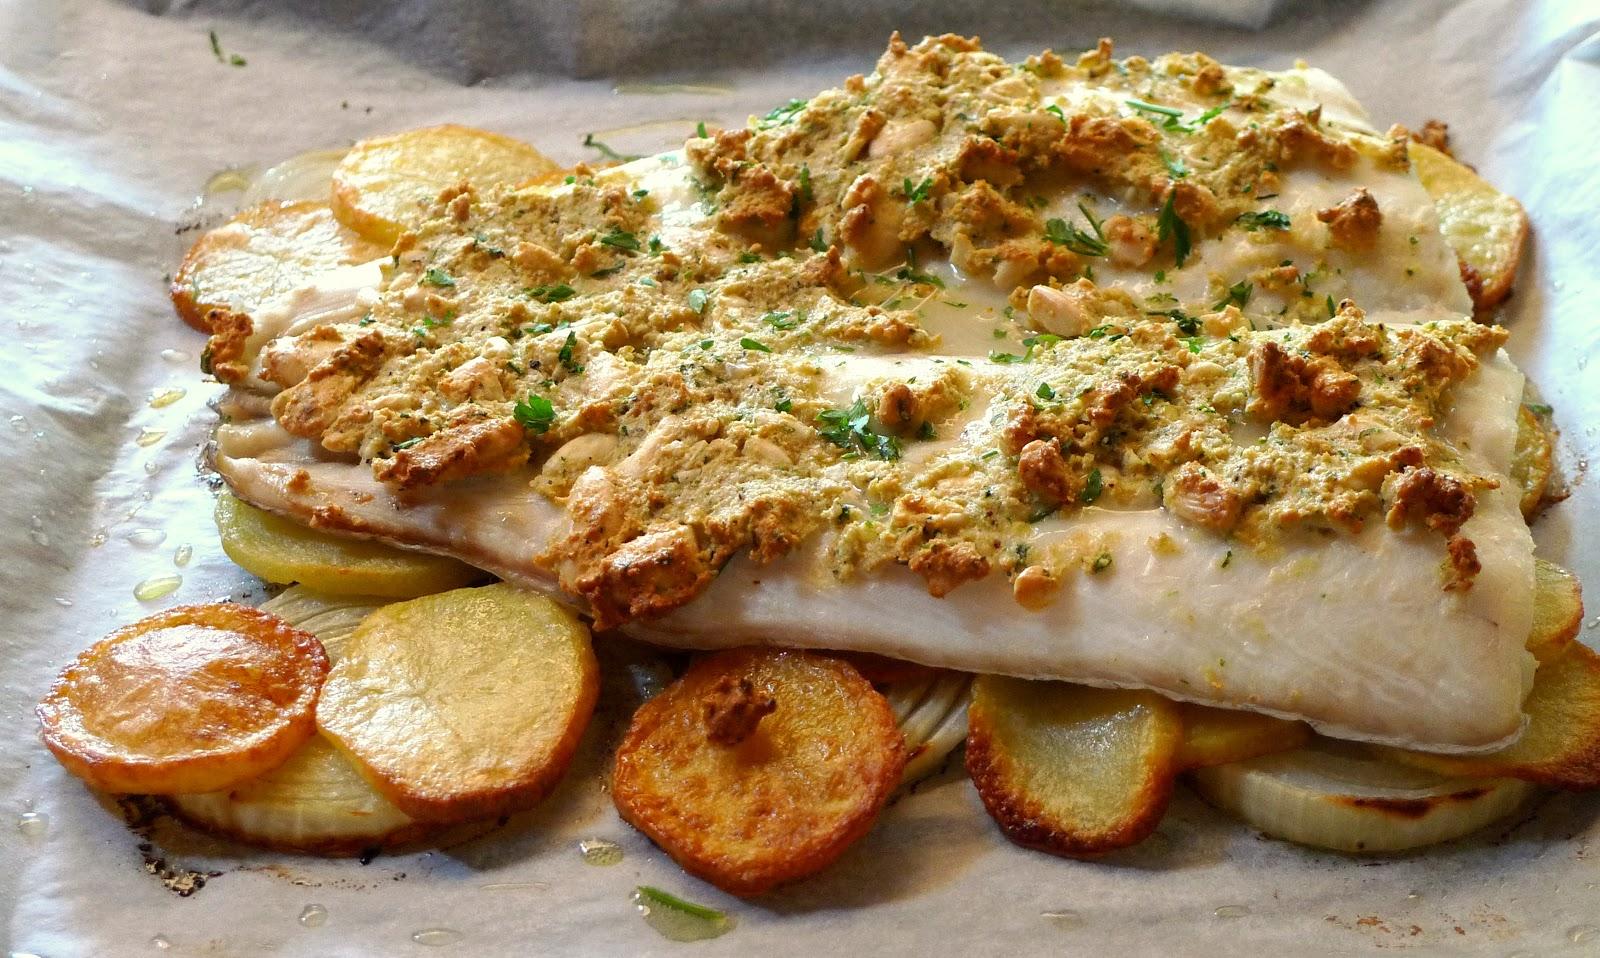 El pasaplatos merluza al horno con costra de almendra - Merluza rellena de marisco al horno ...